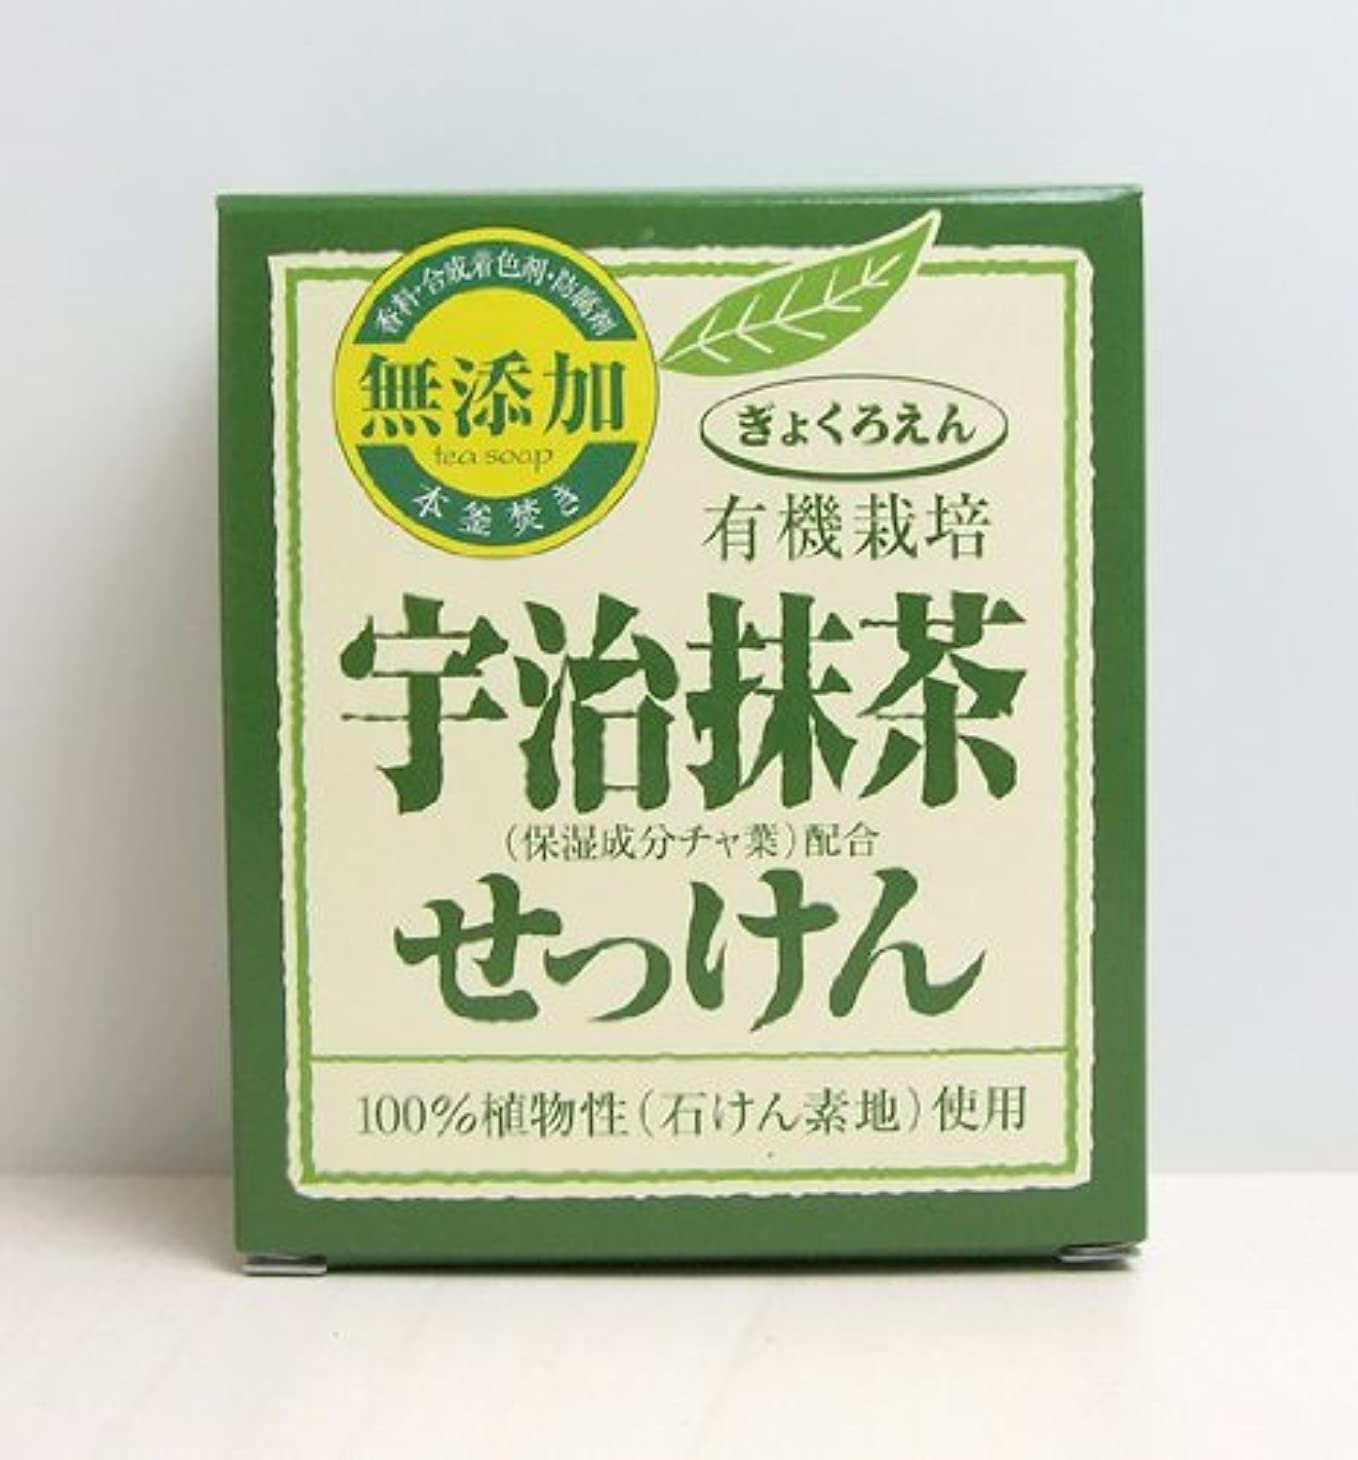 証言ハードリングノミネートお茶のせっけん:有機栽培宇治抹茶せっけん